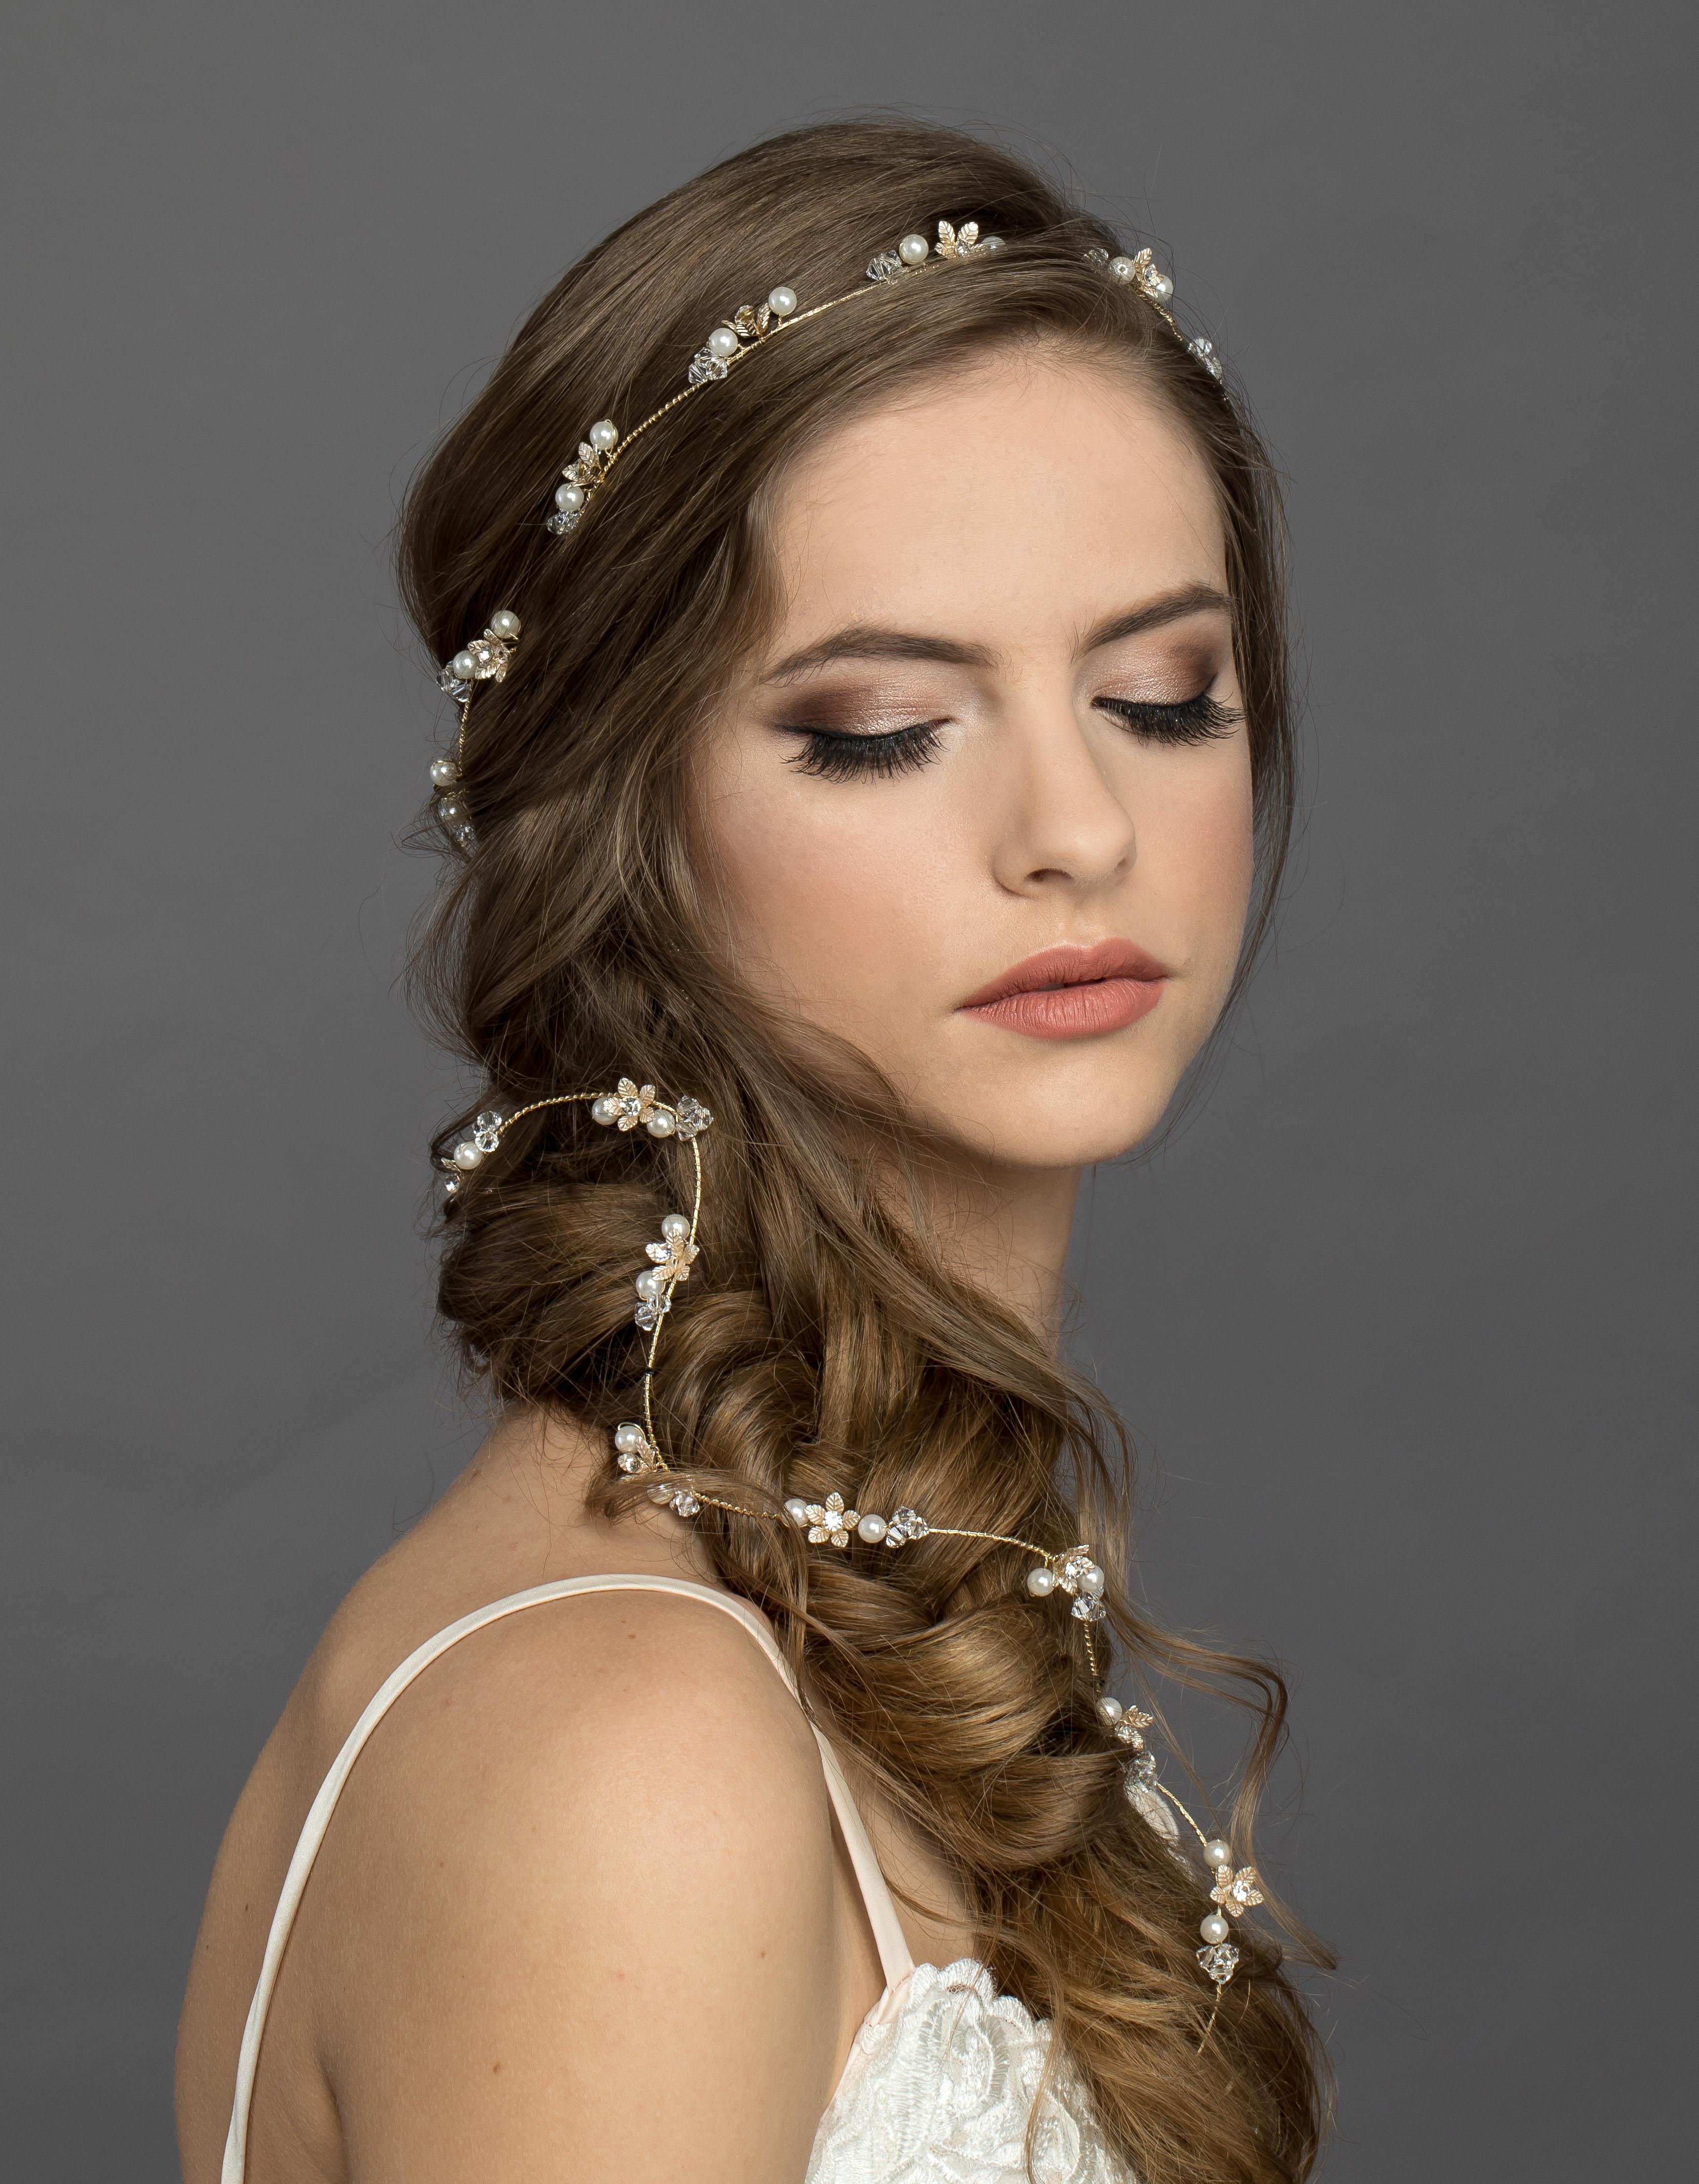 Bridal Classics Headbands, Wreaths & Vines HB-7103